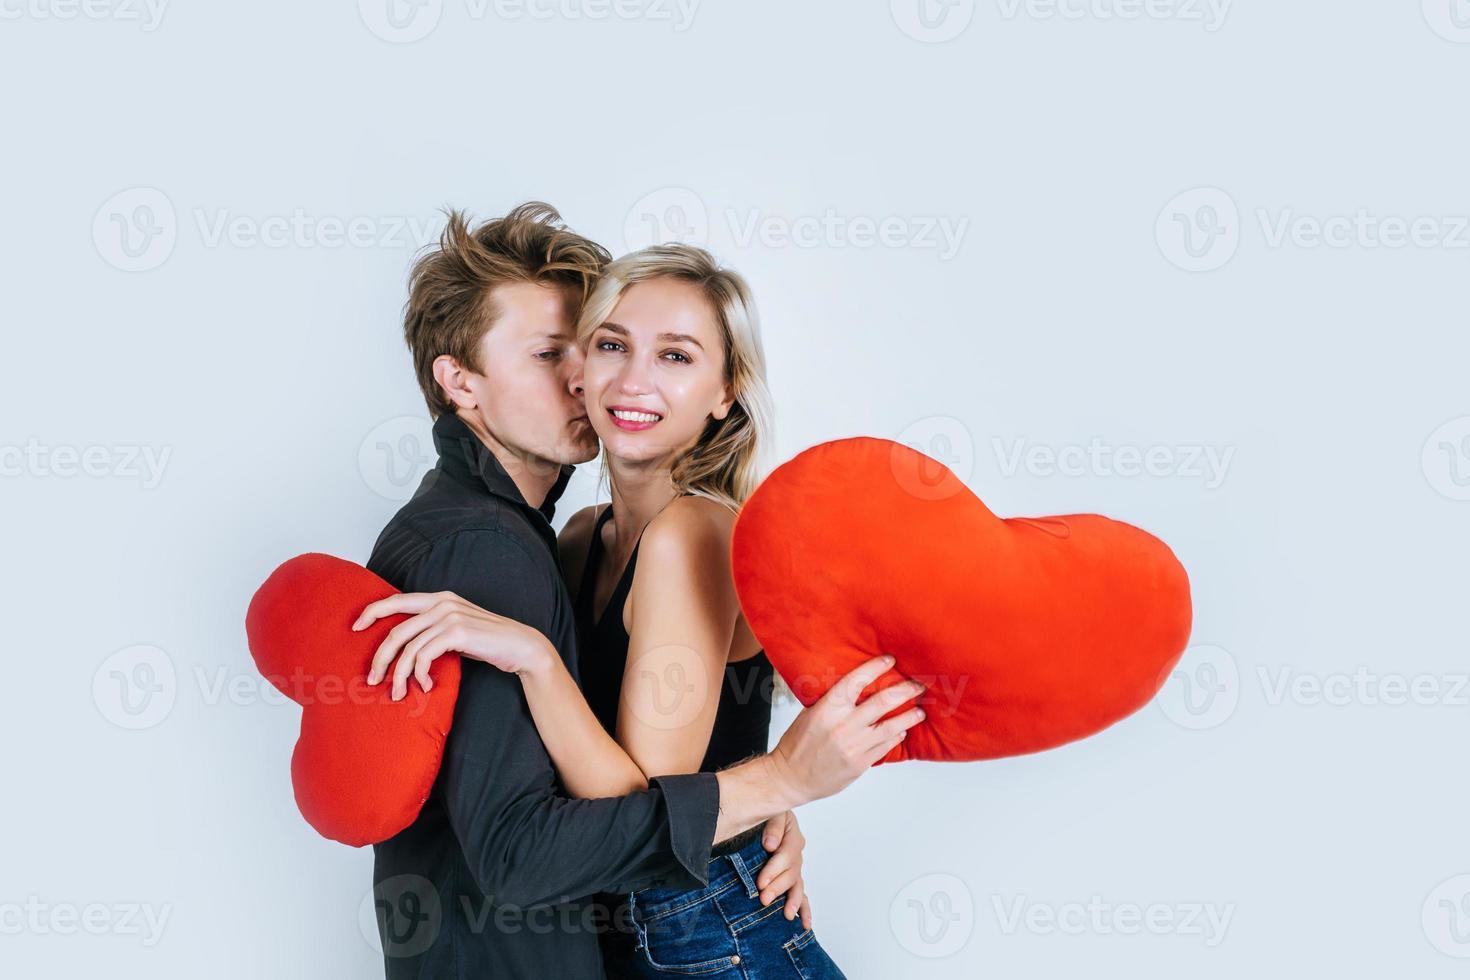 feliz pareja amorosa juntos sosteniendo un corazón rojo foto